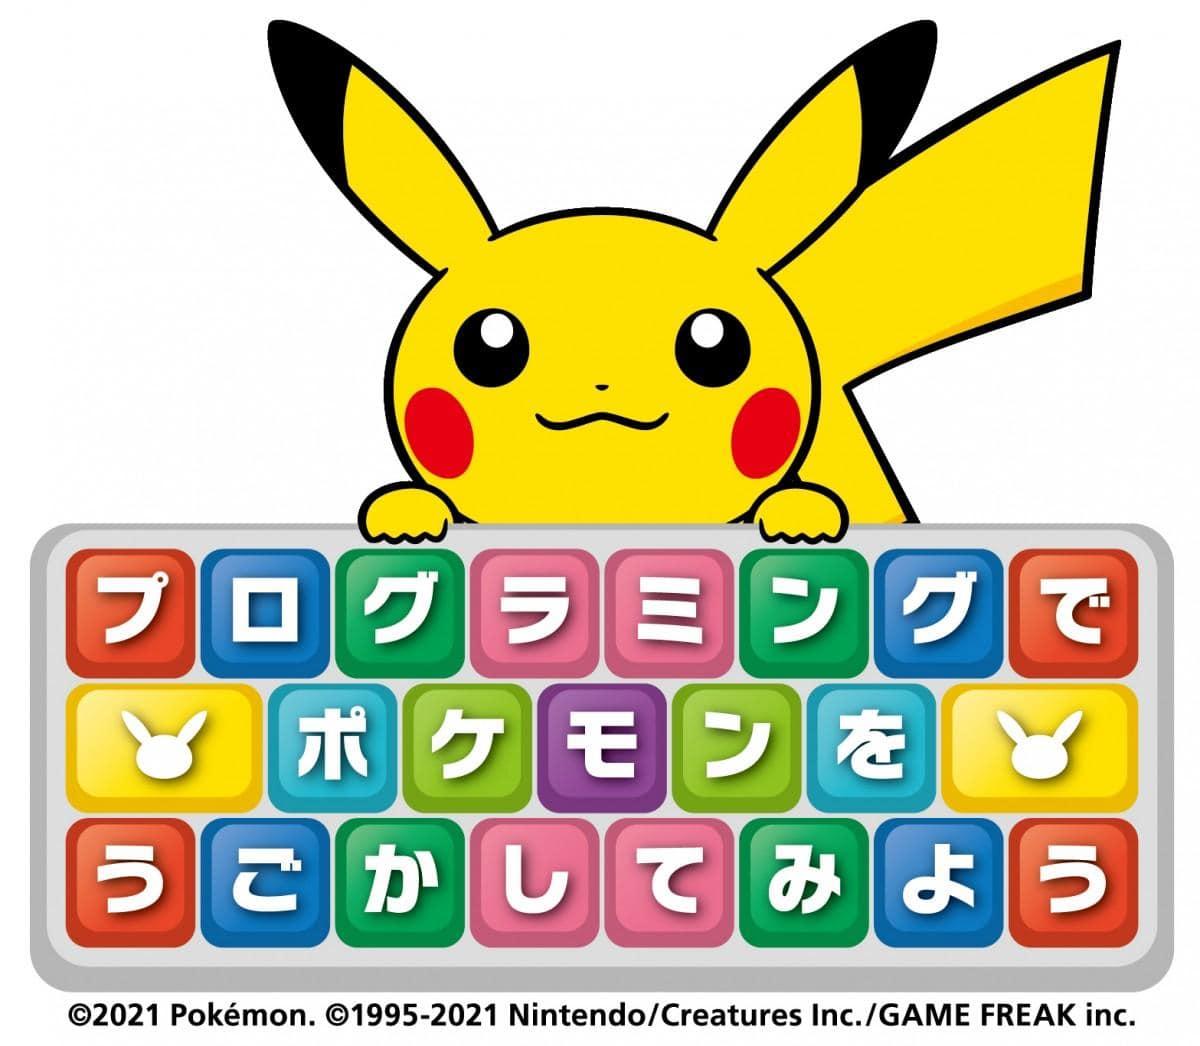 「プログラミングでポケモンをうごかしてみよう」ワークショップのロゴ画像